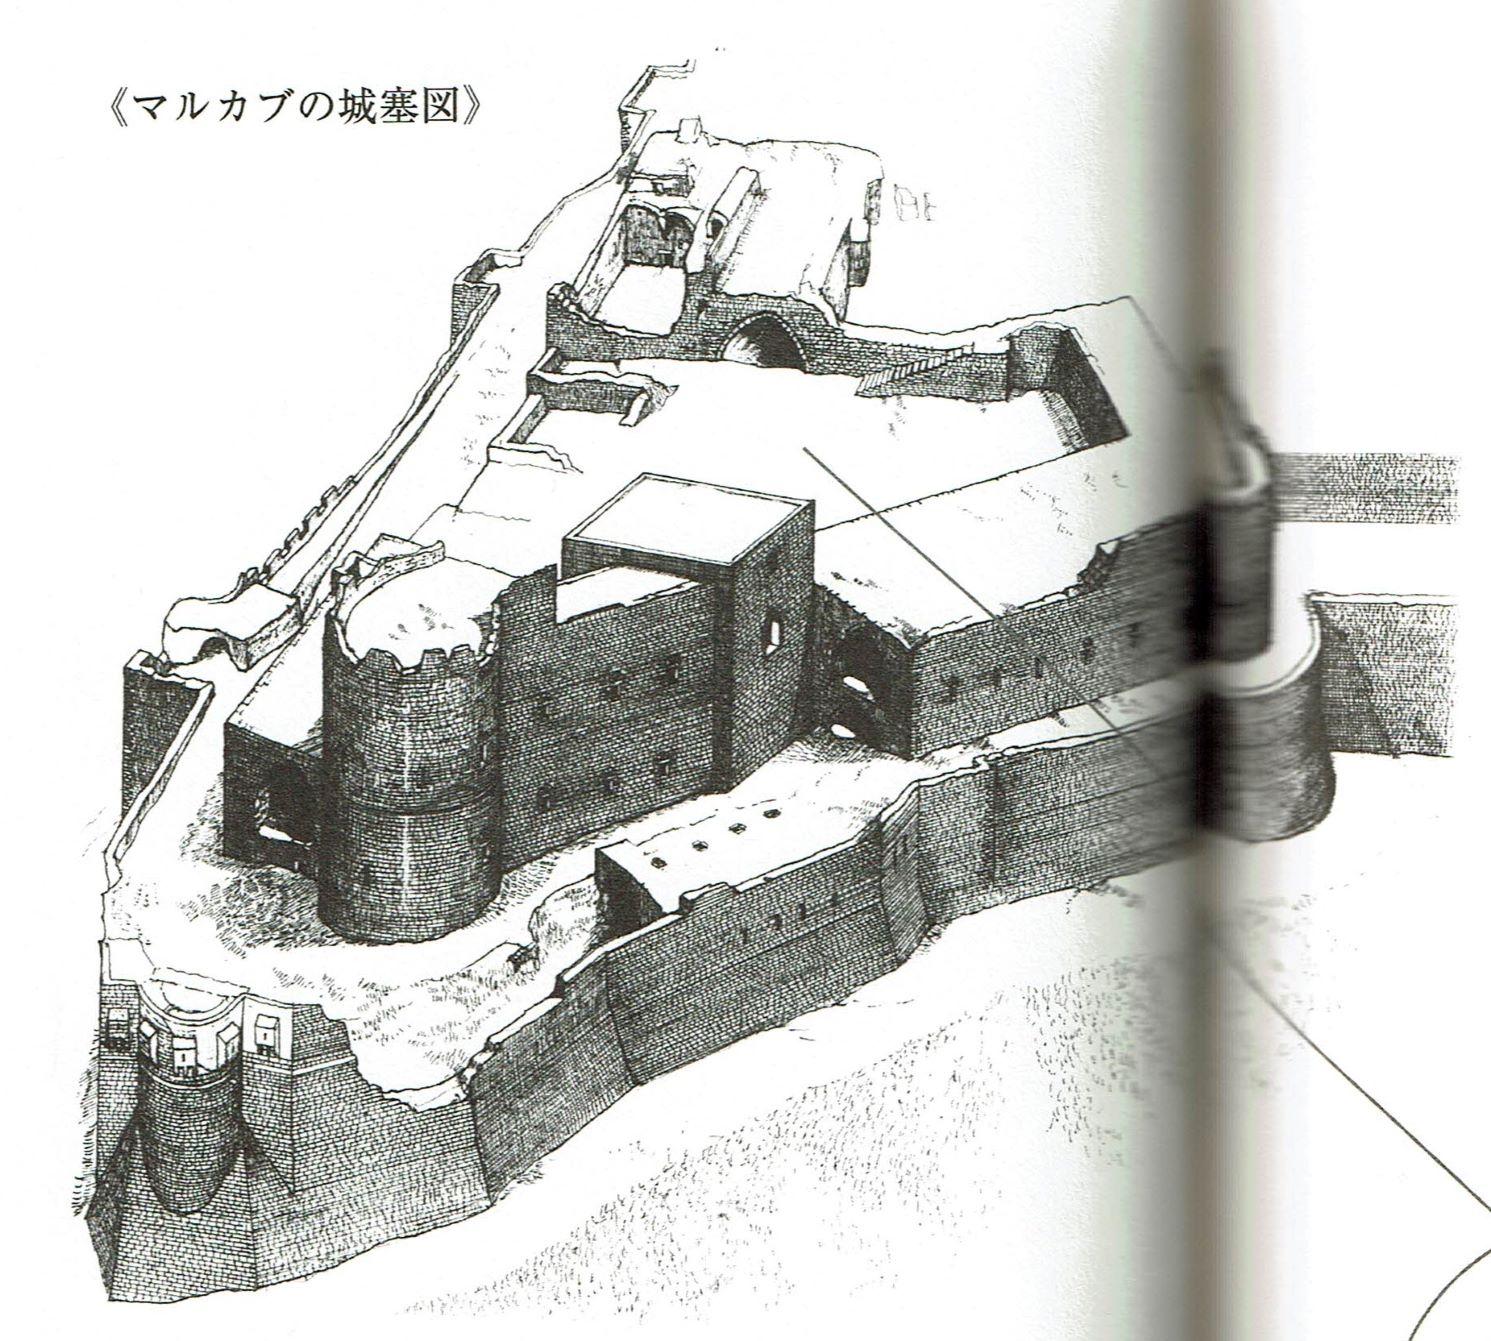 十字軍の遠征(2)